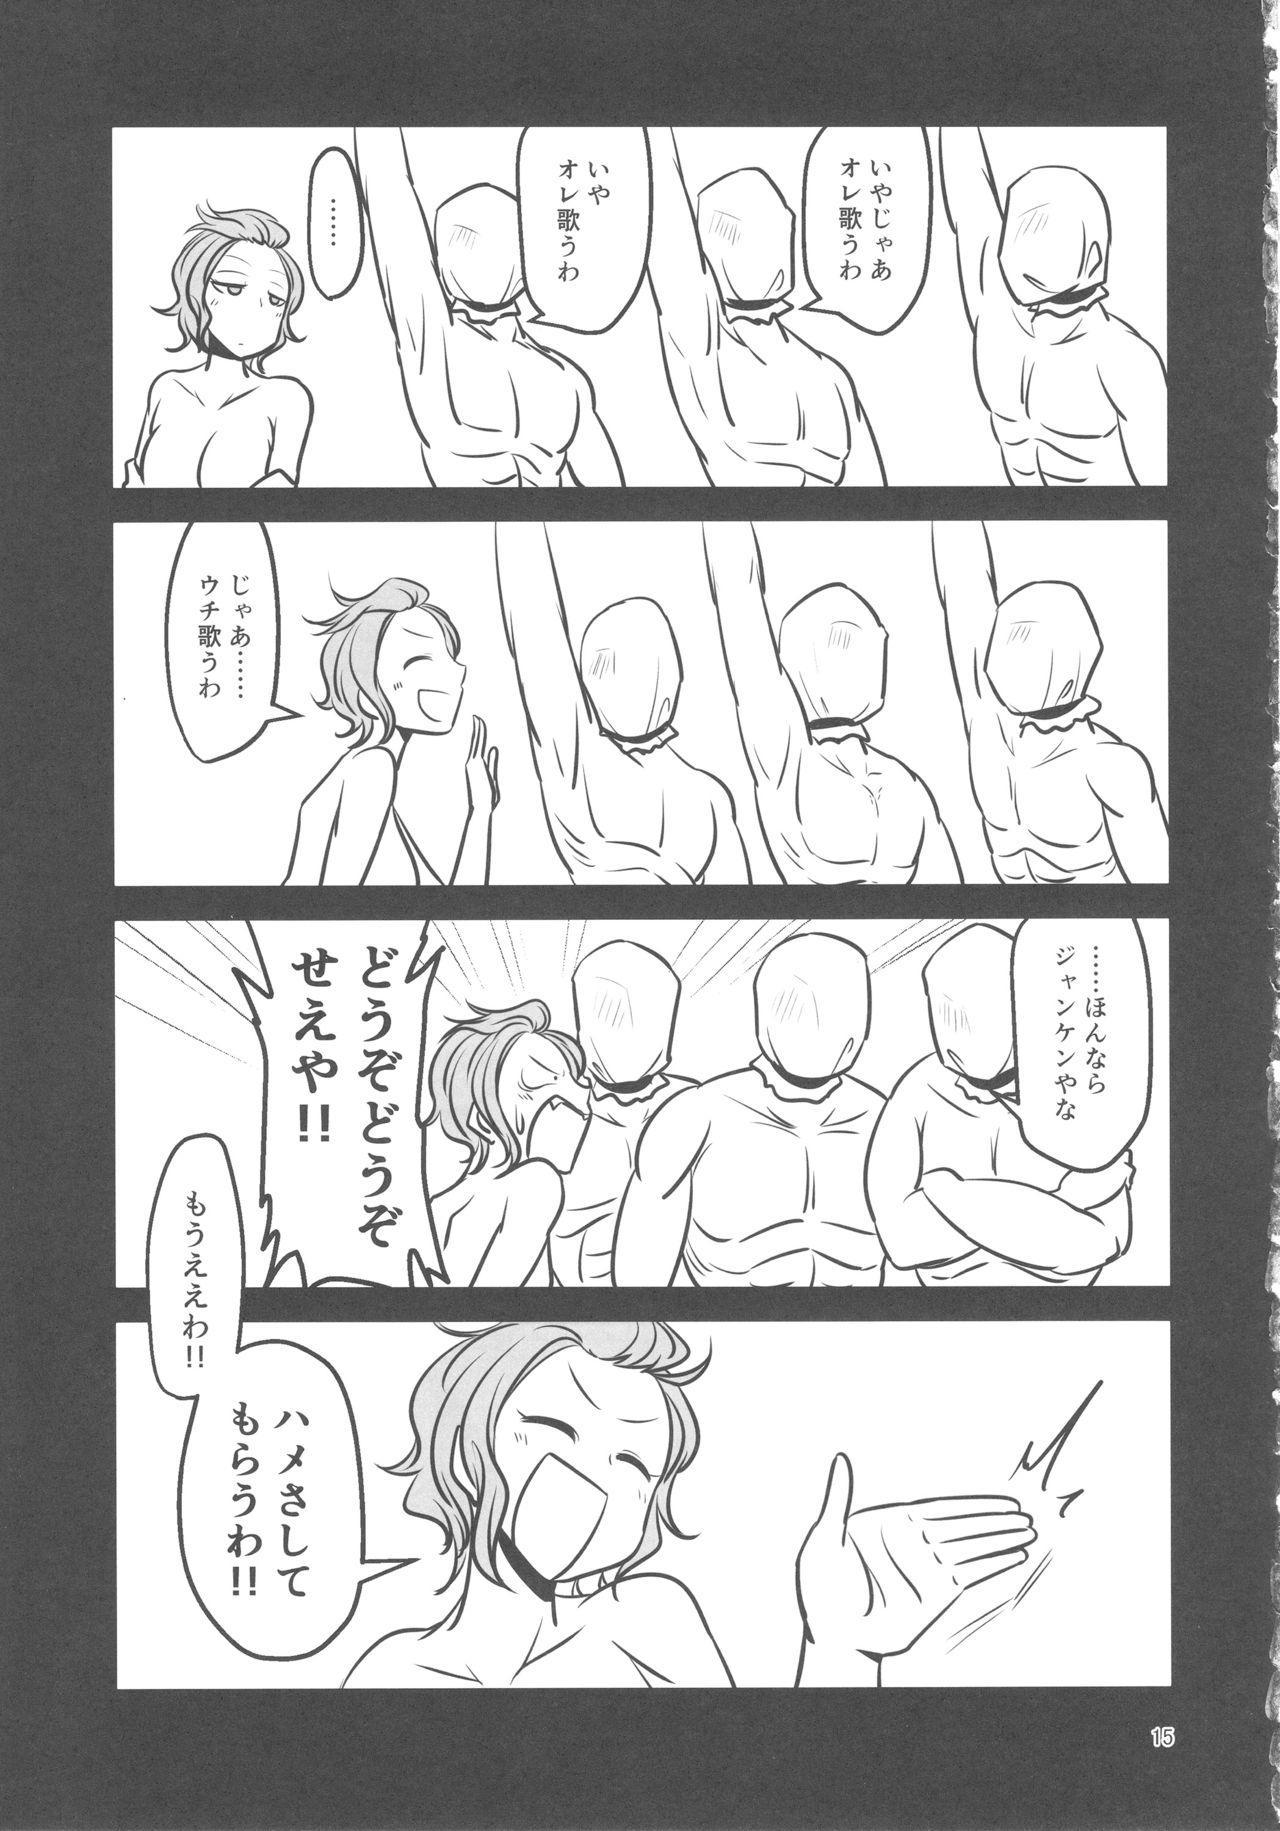 Mou Eewa! Hame Sashite Morauwa! 15